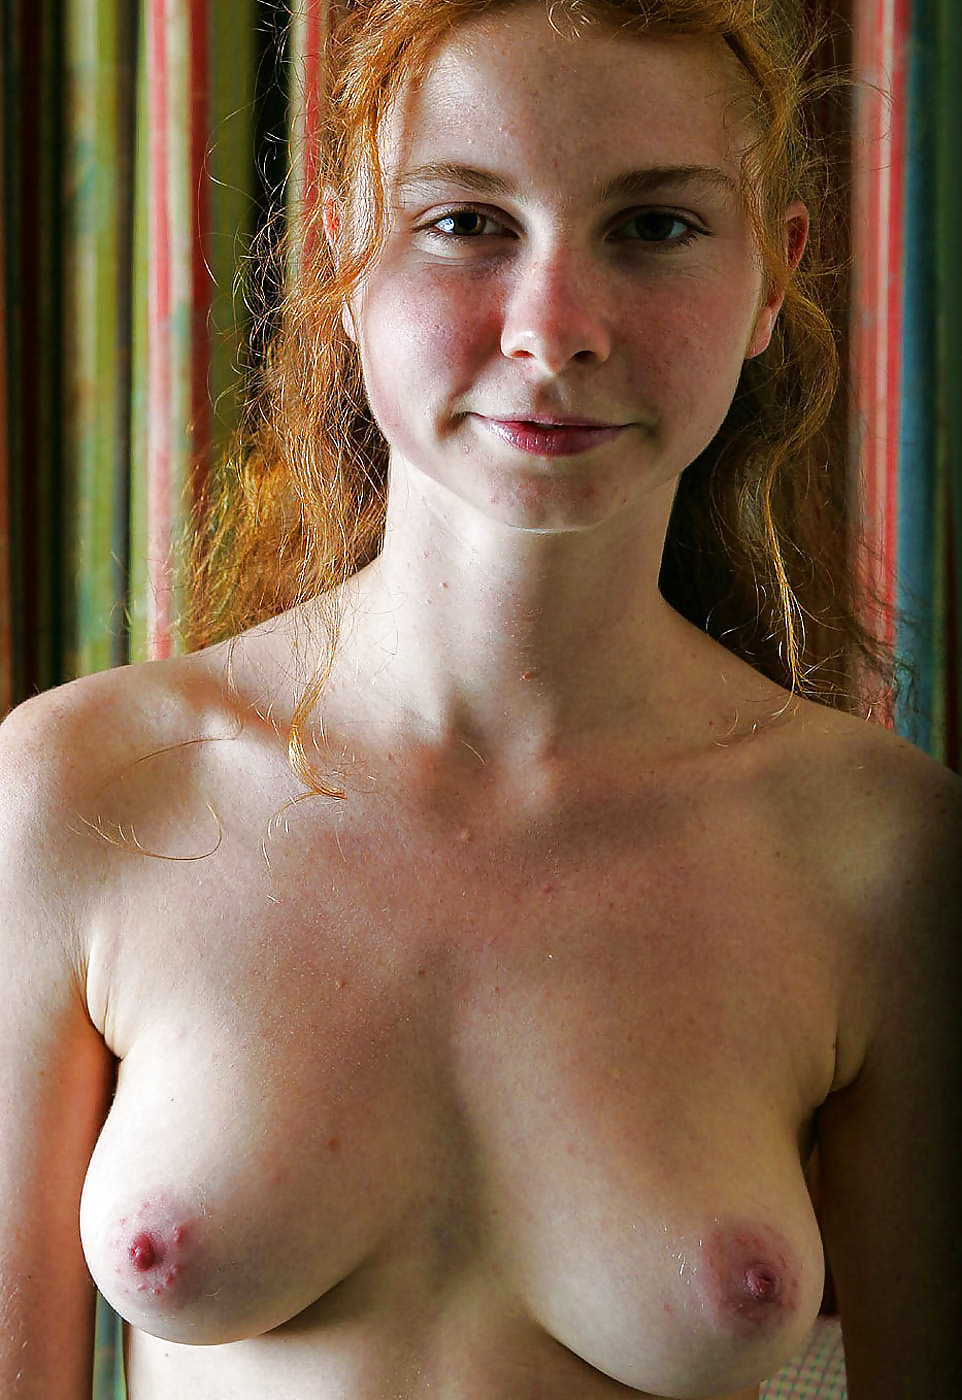 Amateur redhead puffy nipples